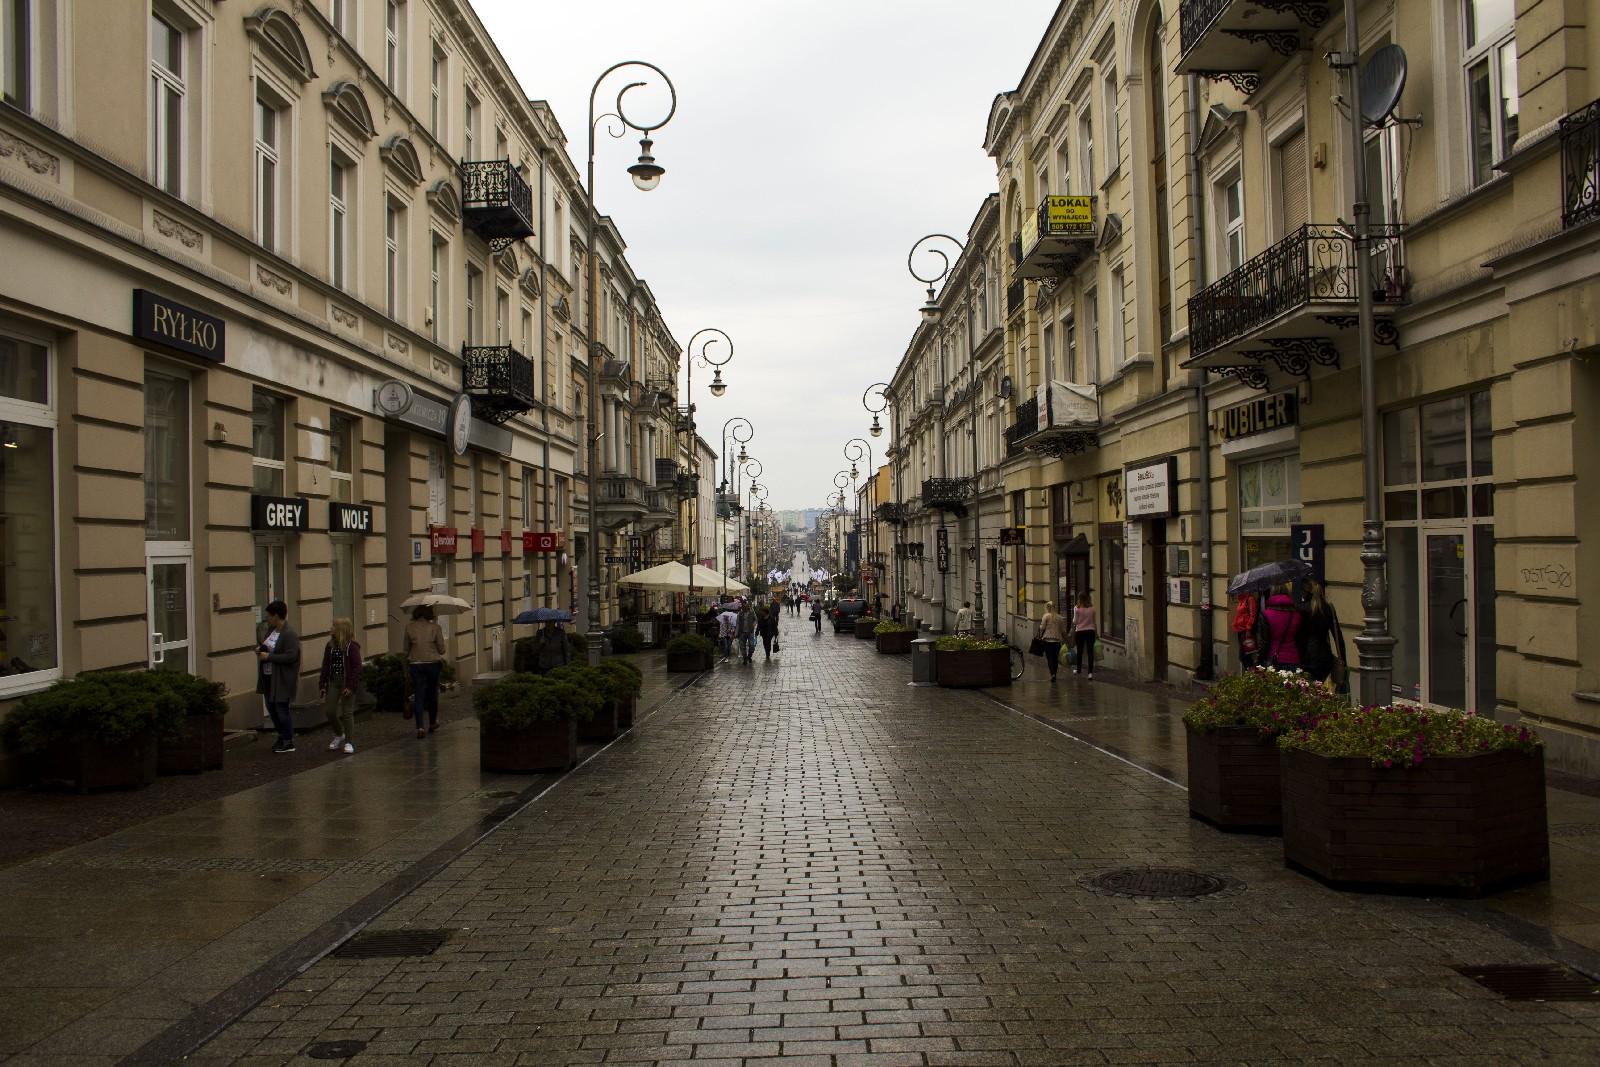 Kielce - Ja mówię TO https://jamowie.to